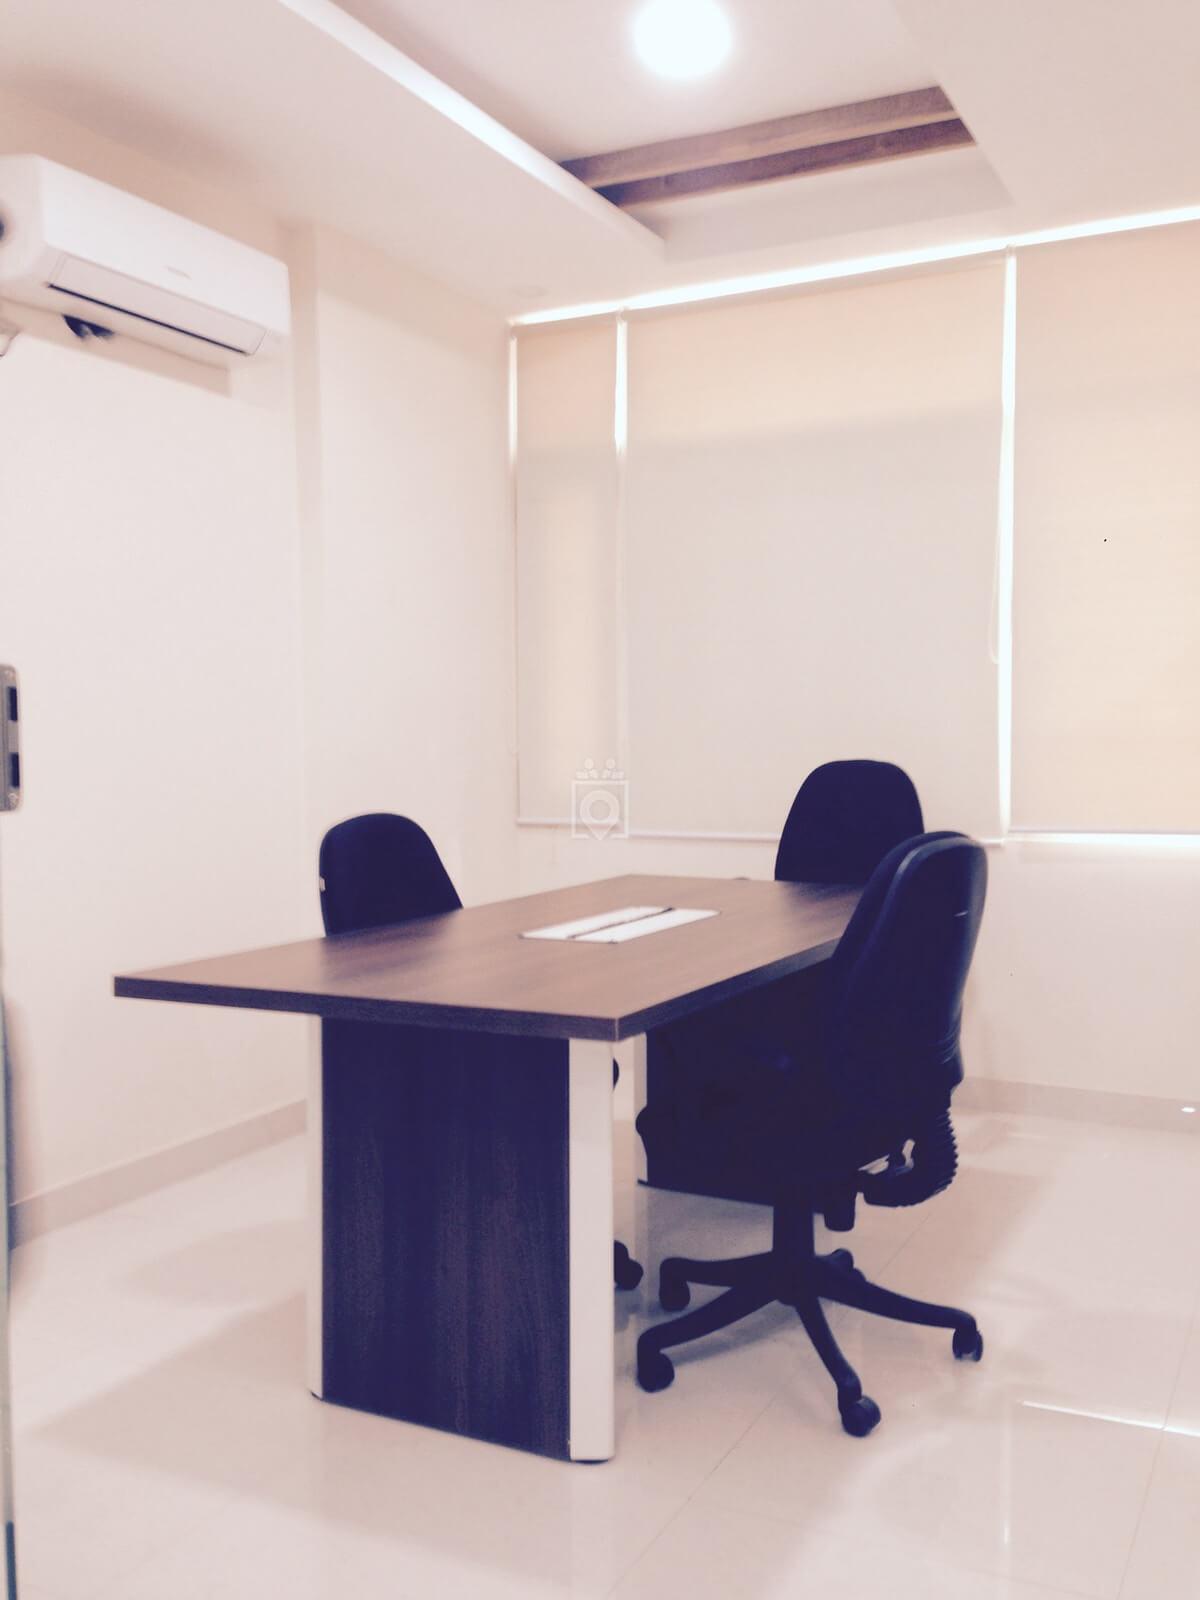 Workcave Dakshin Marg